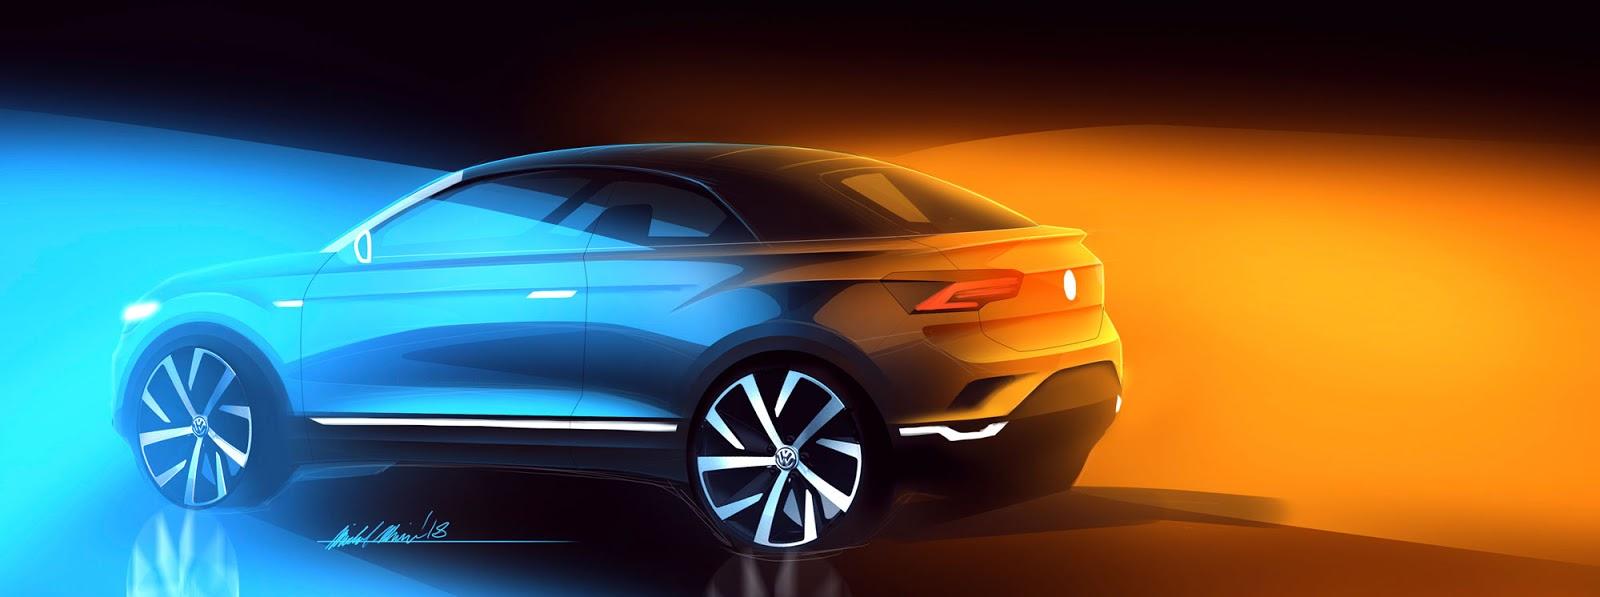 Volkswagen T-Roc Cabriolet sketch by Michal Uhrin